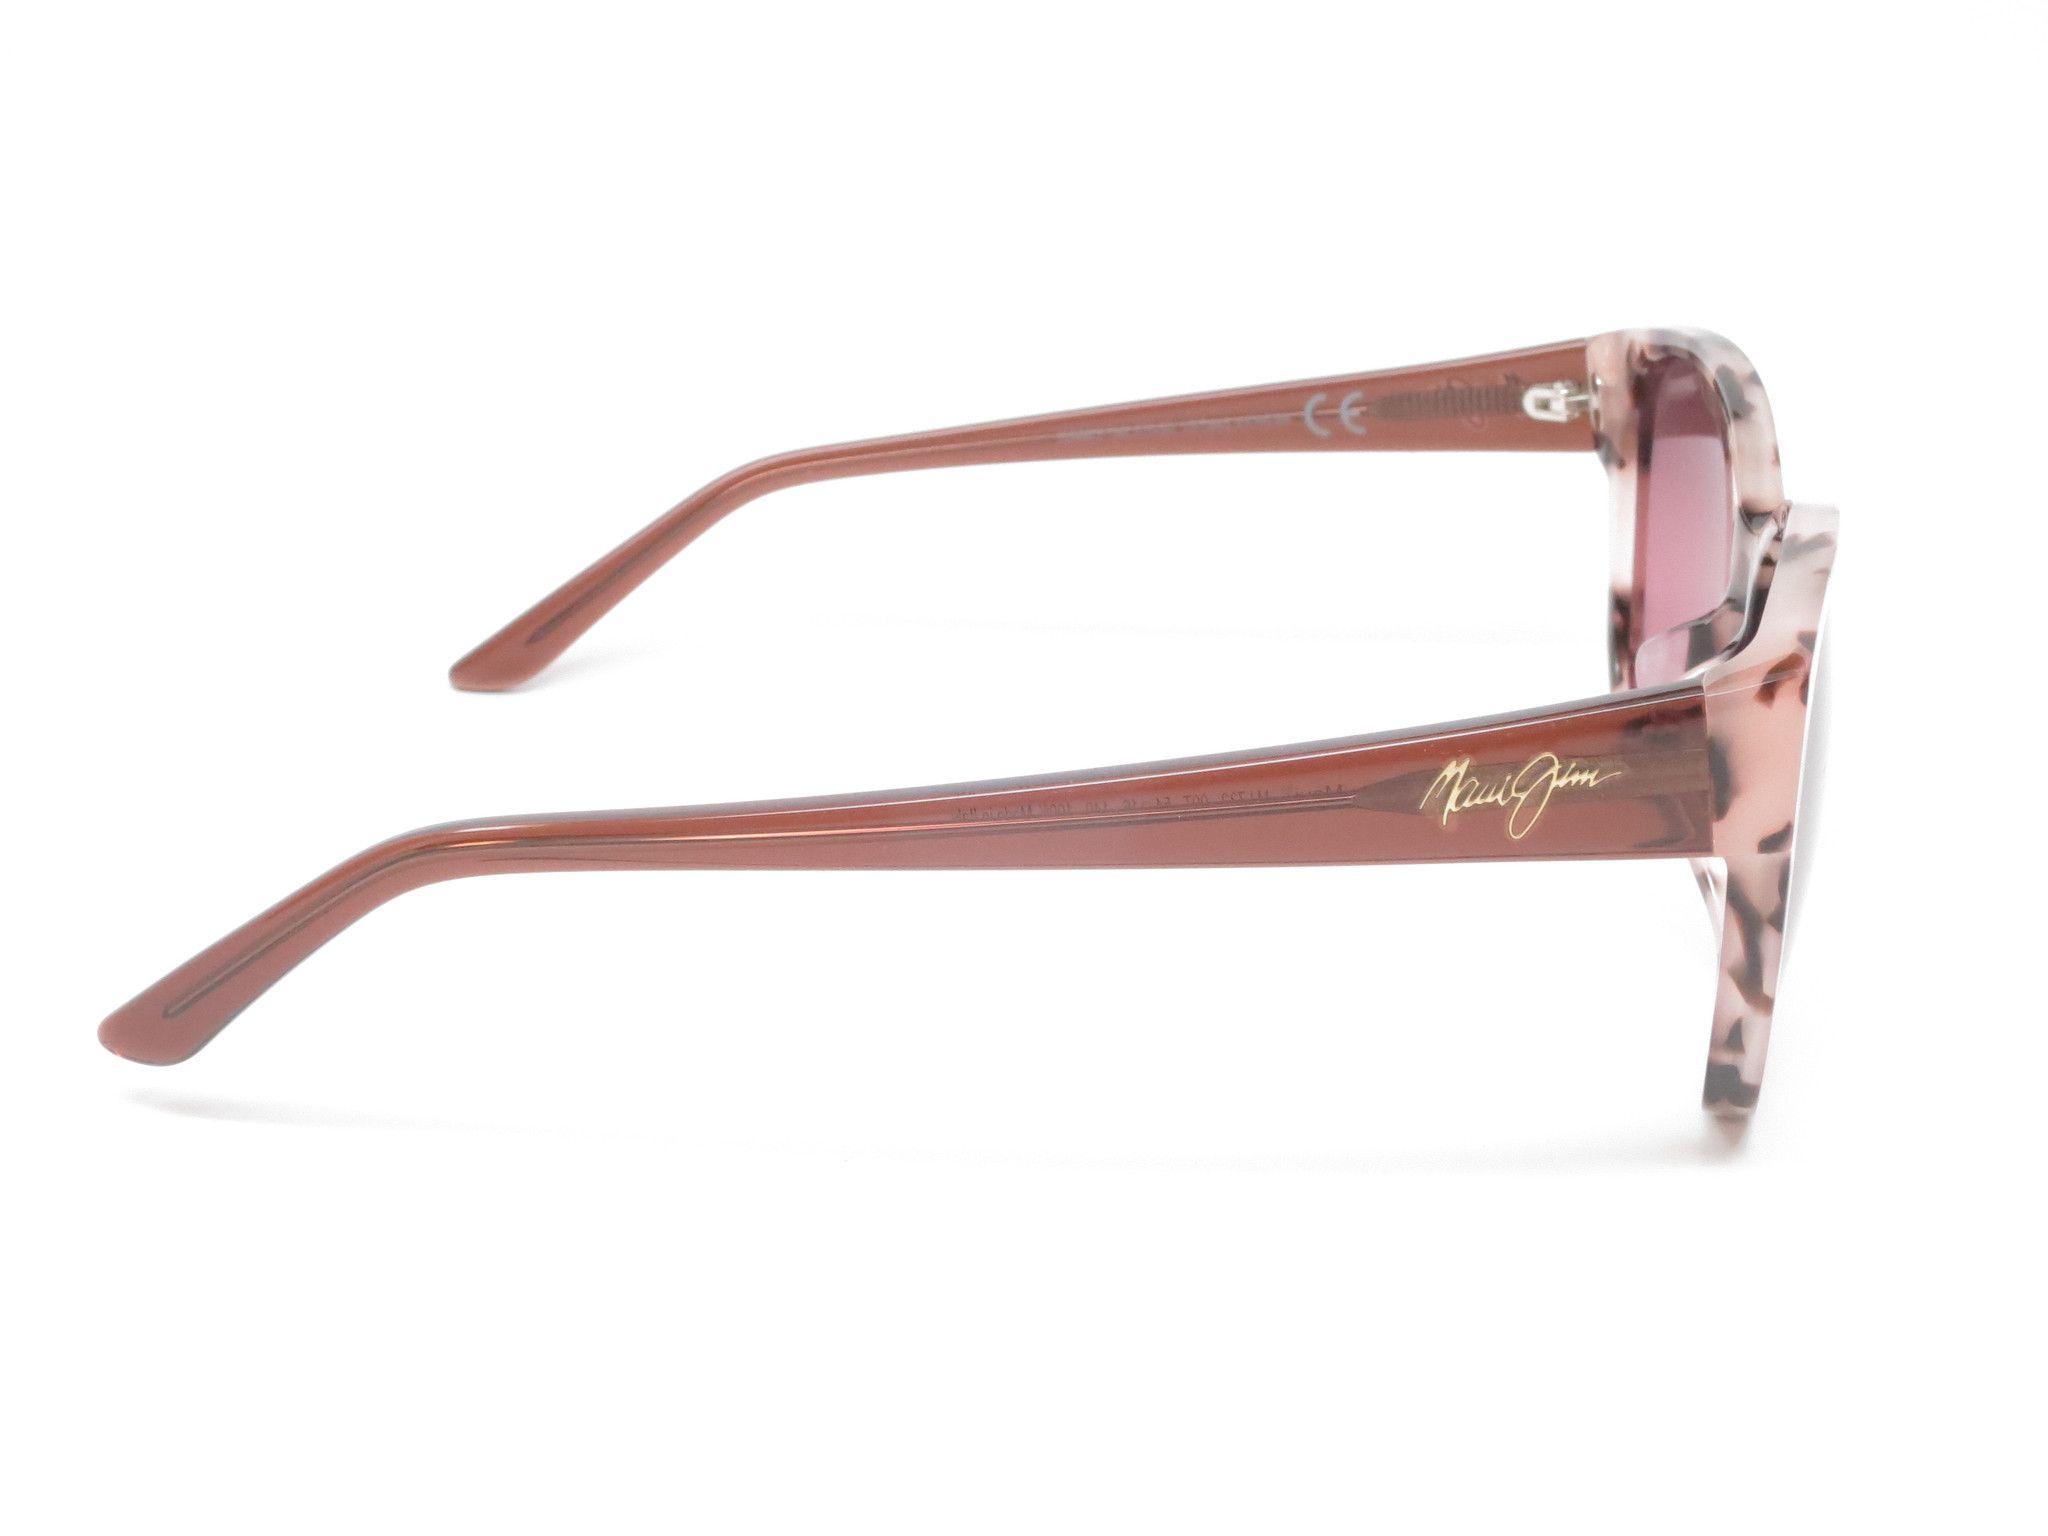 1e1b2d9115c1 Product Details of Maui Jim Summer Time MJ 732-09T Sunglasses Brand : Maui  Jim